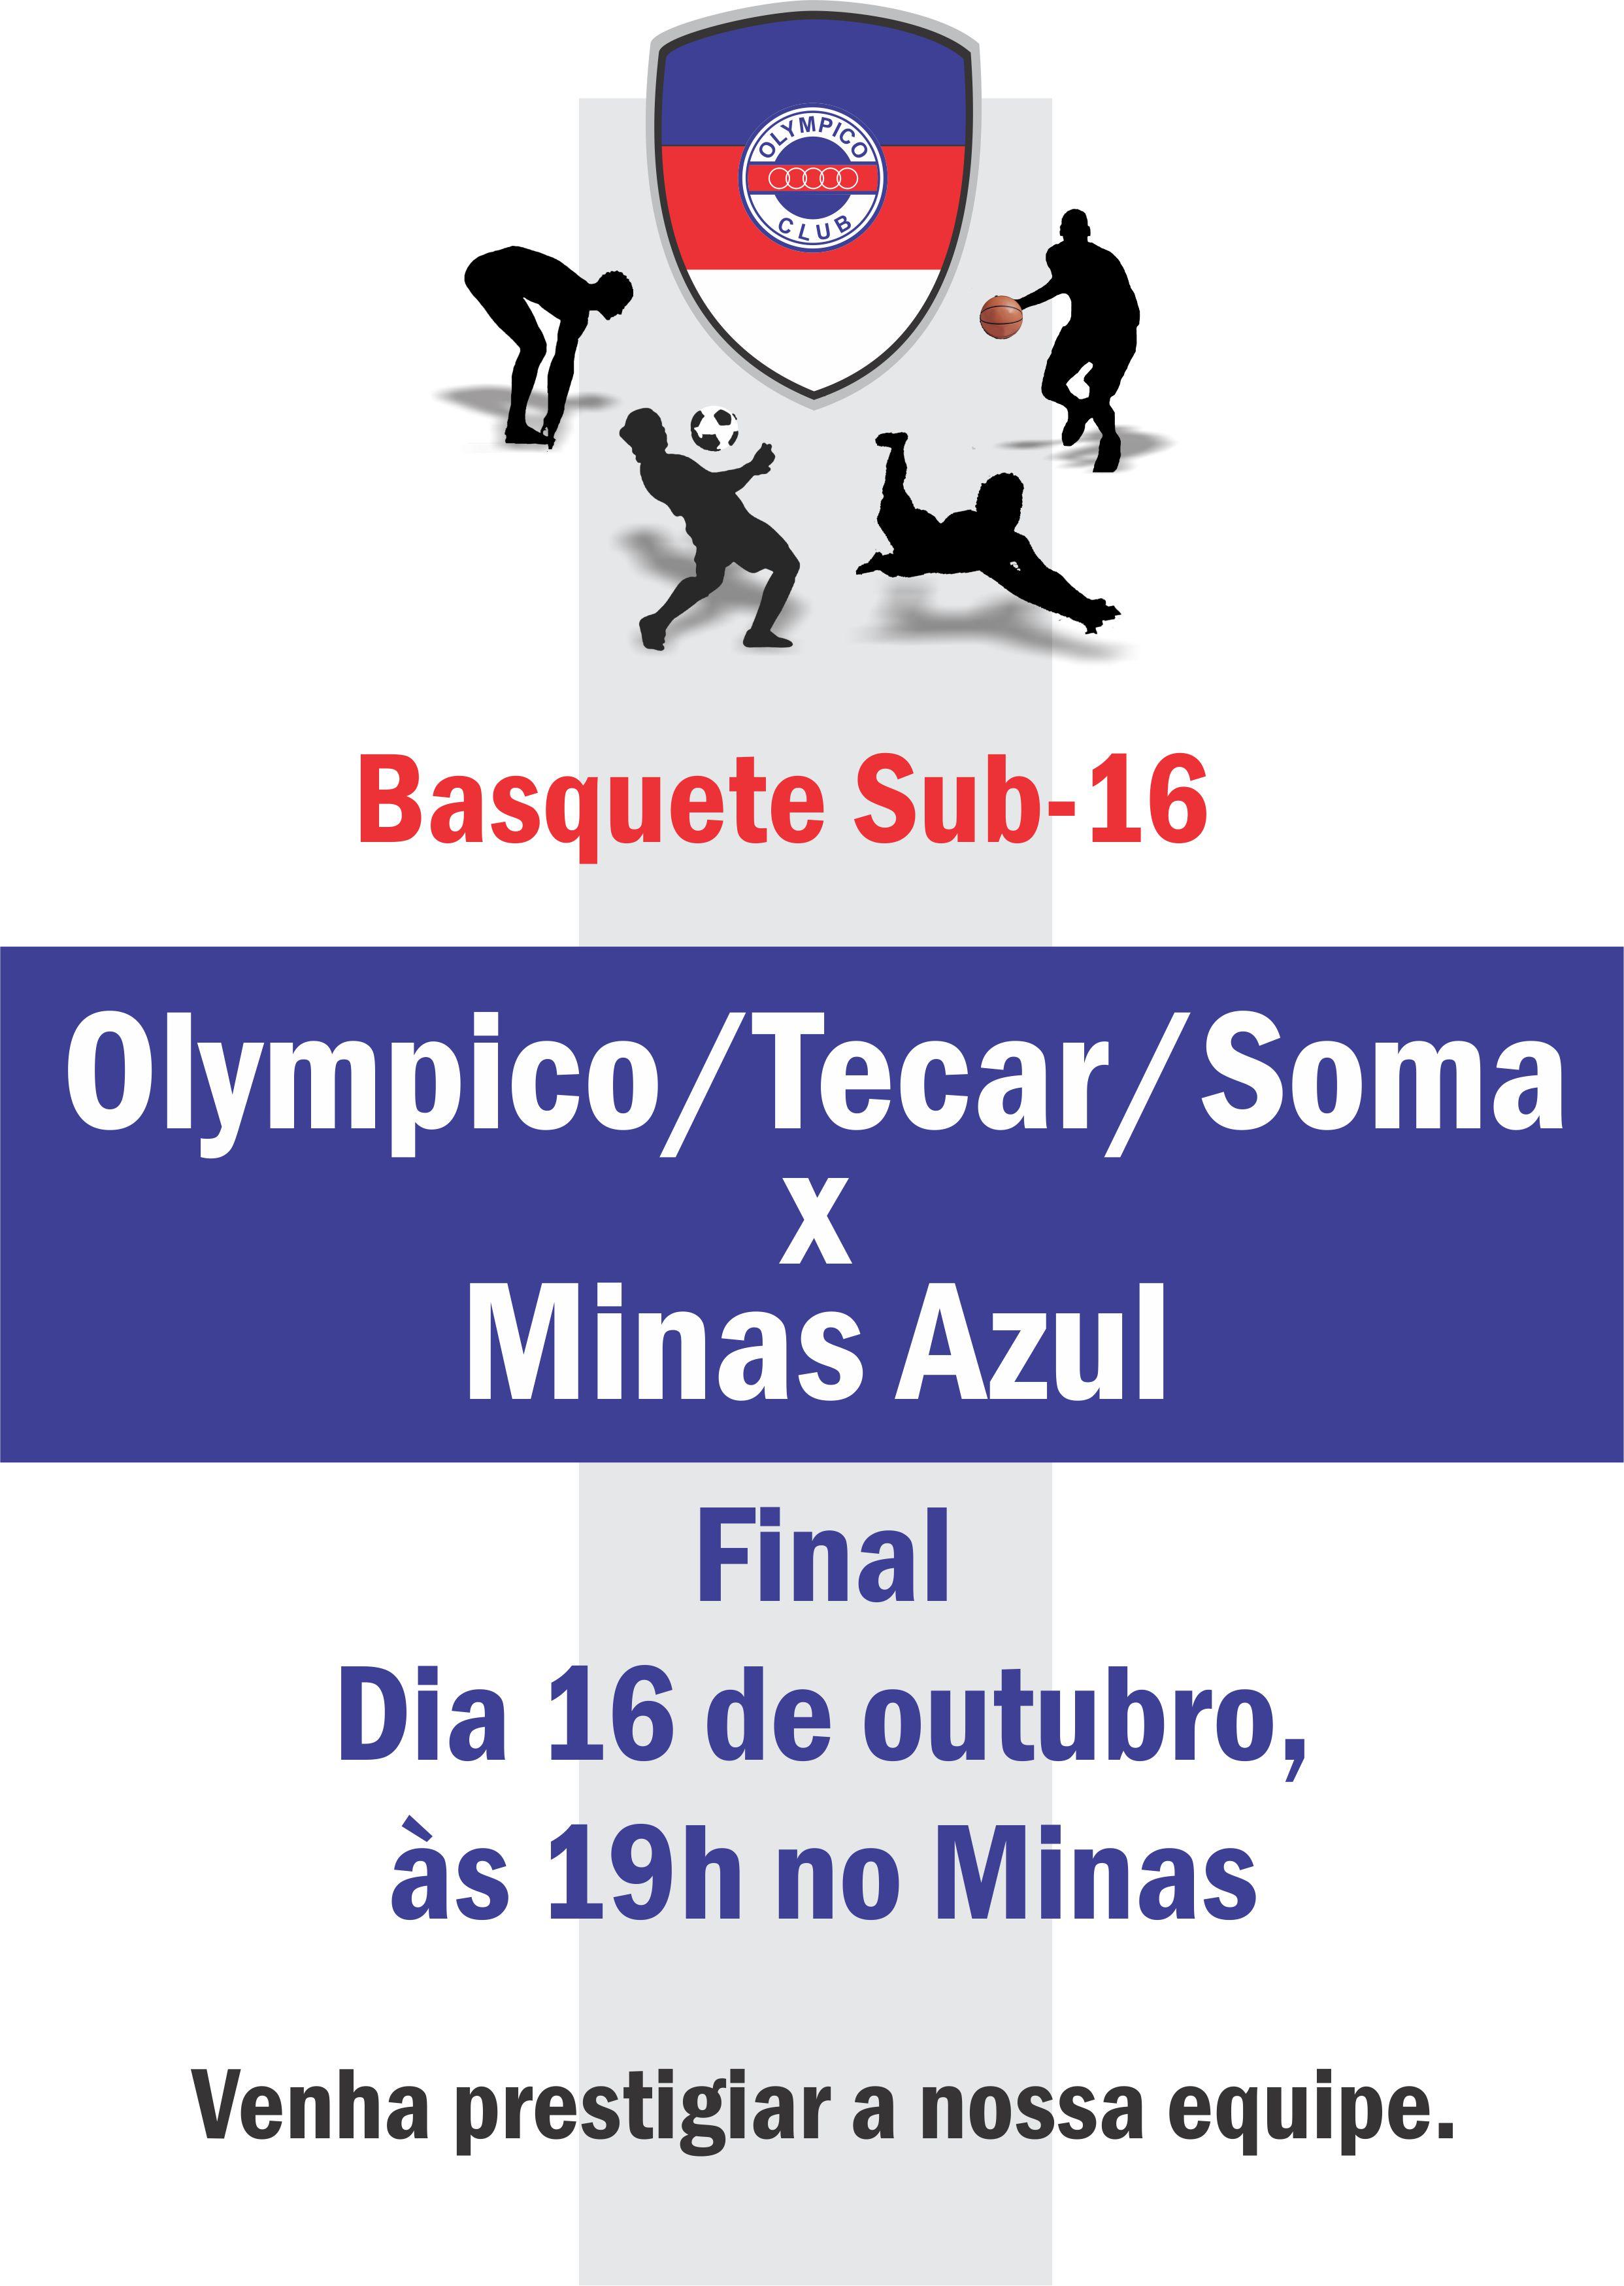 Final Basquete Sub16